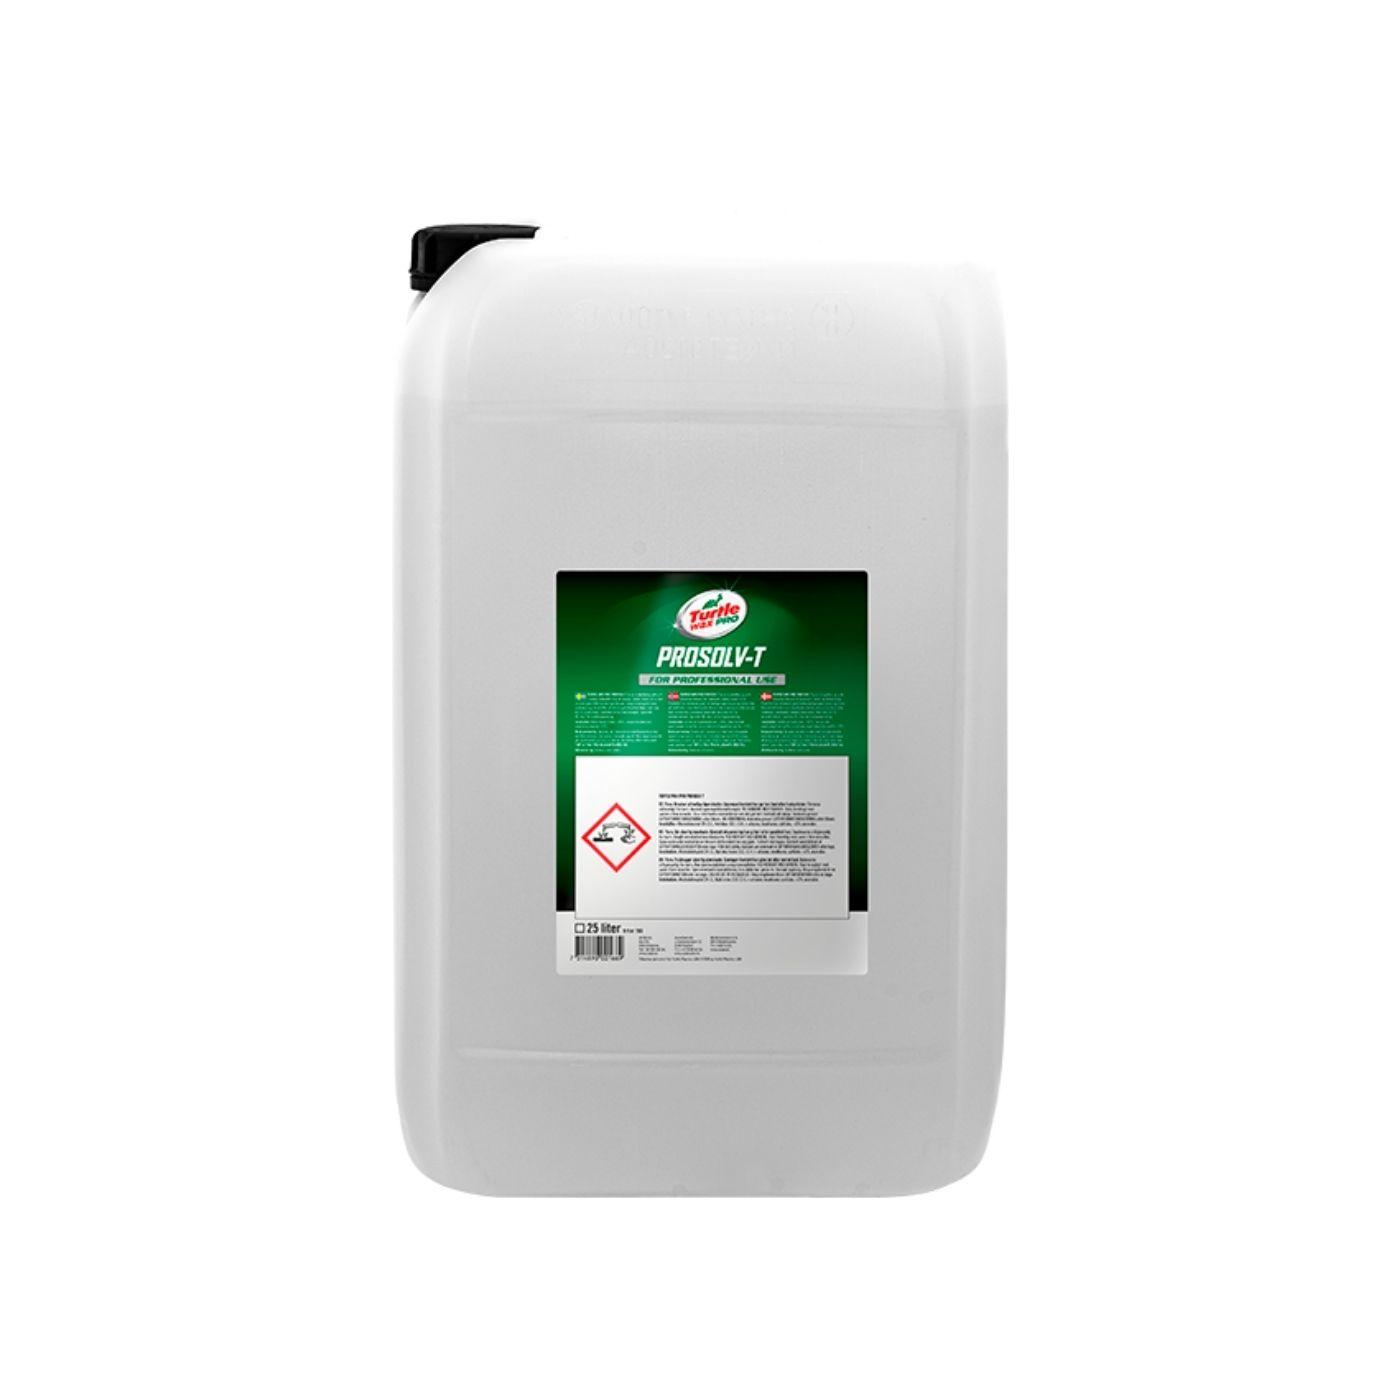 Asfaltslösare Turtle Wax Pro Prosolv-T, 25000 ml